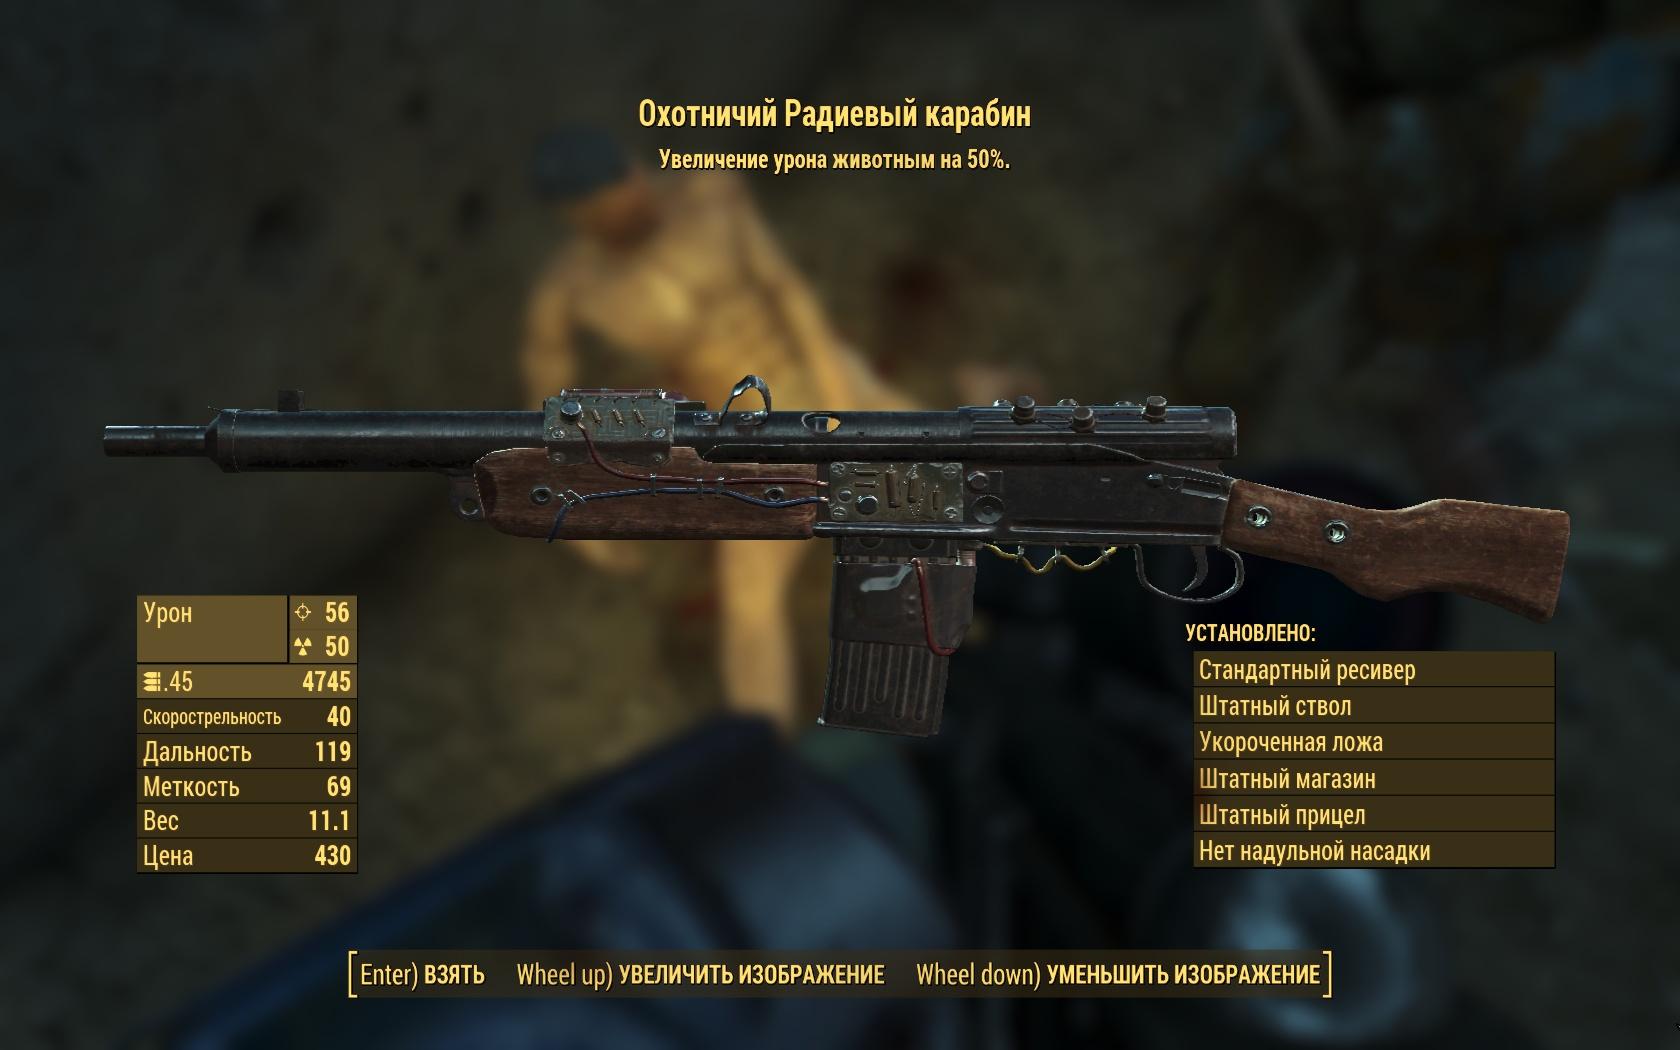 карабин - Fallout 4 Оружие, Охотничий, радиевый